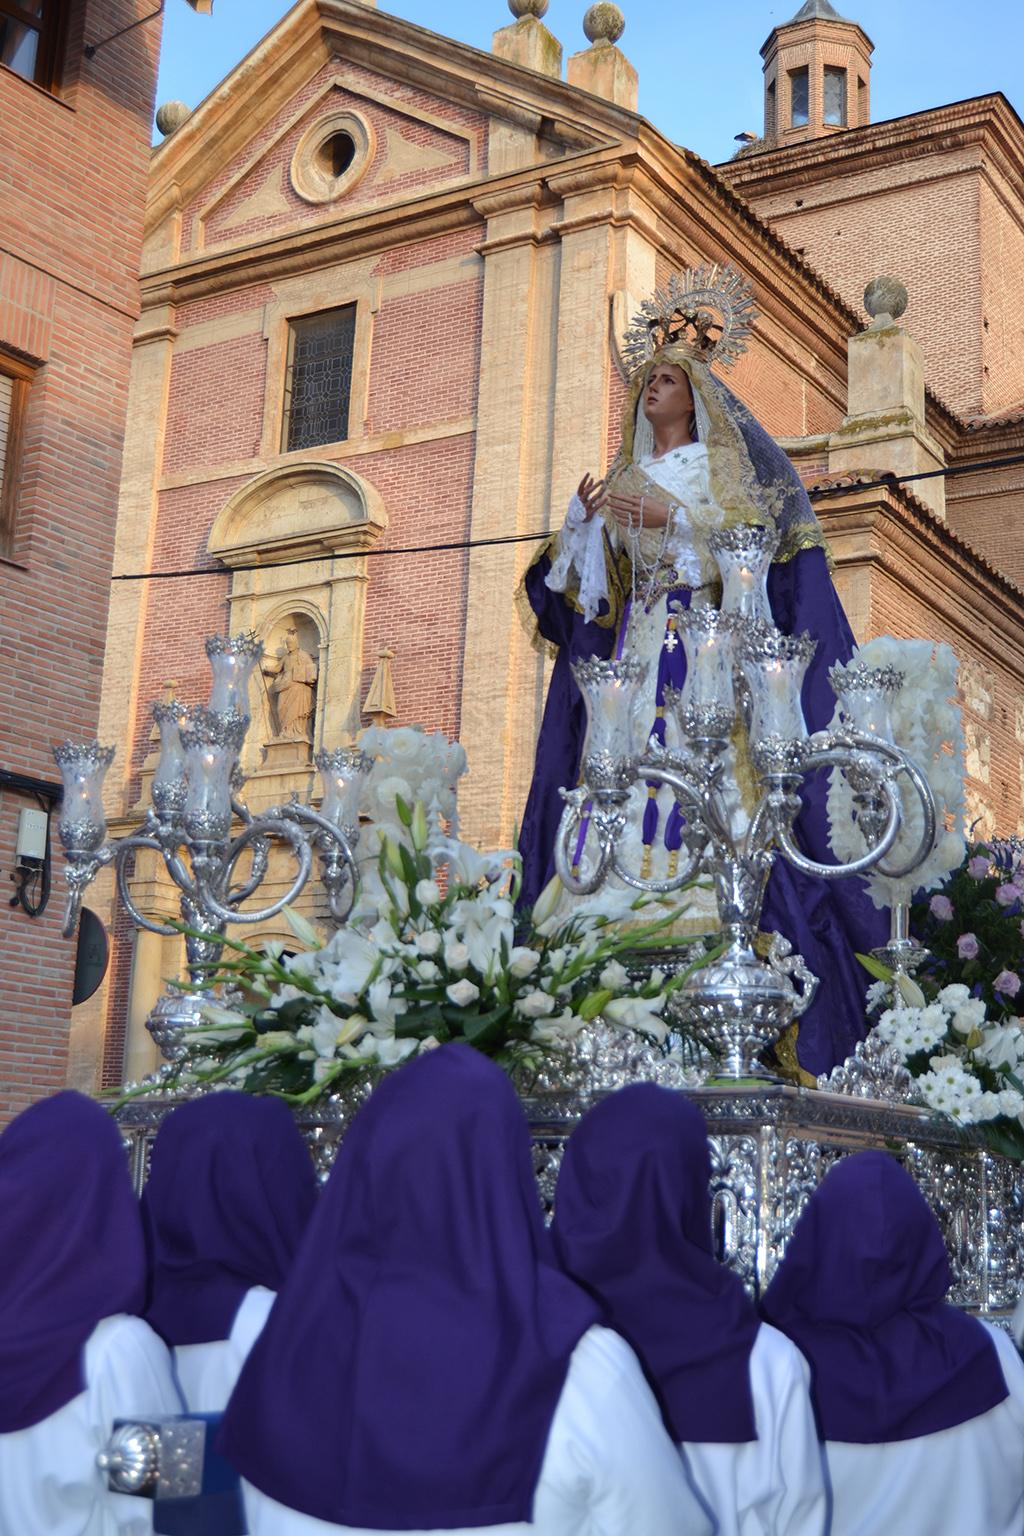 Cristo de la Esperanza y Nuestra Señora de la Misericordia 2014 (7)